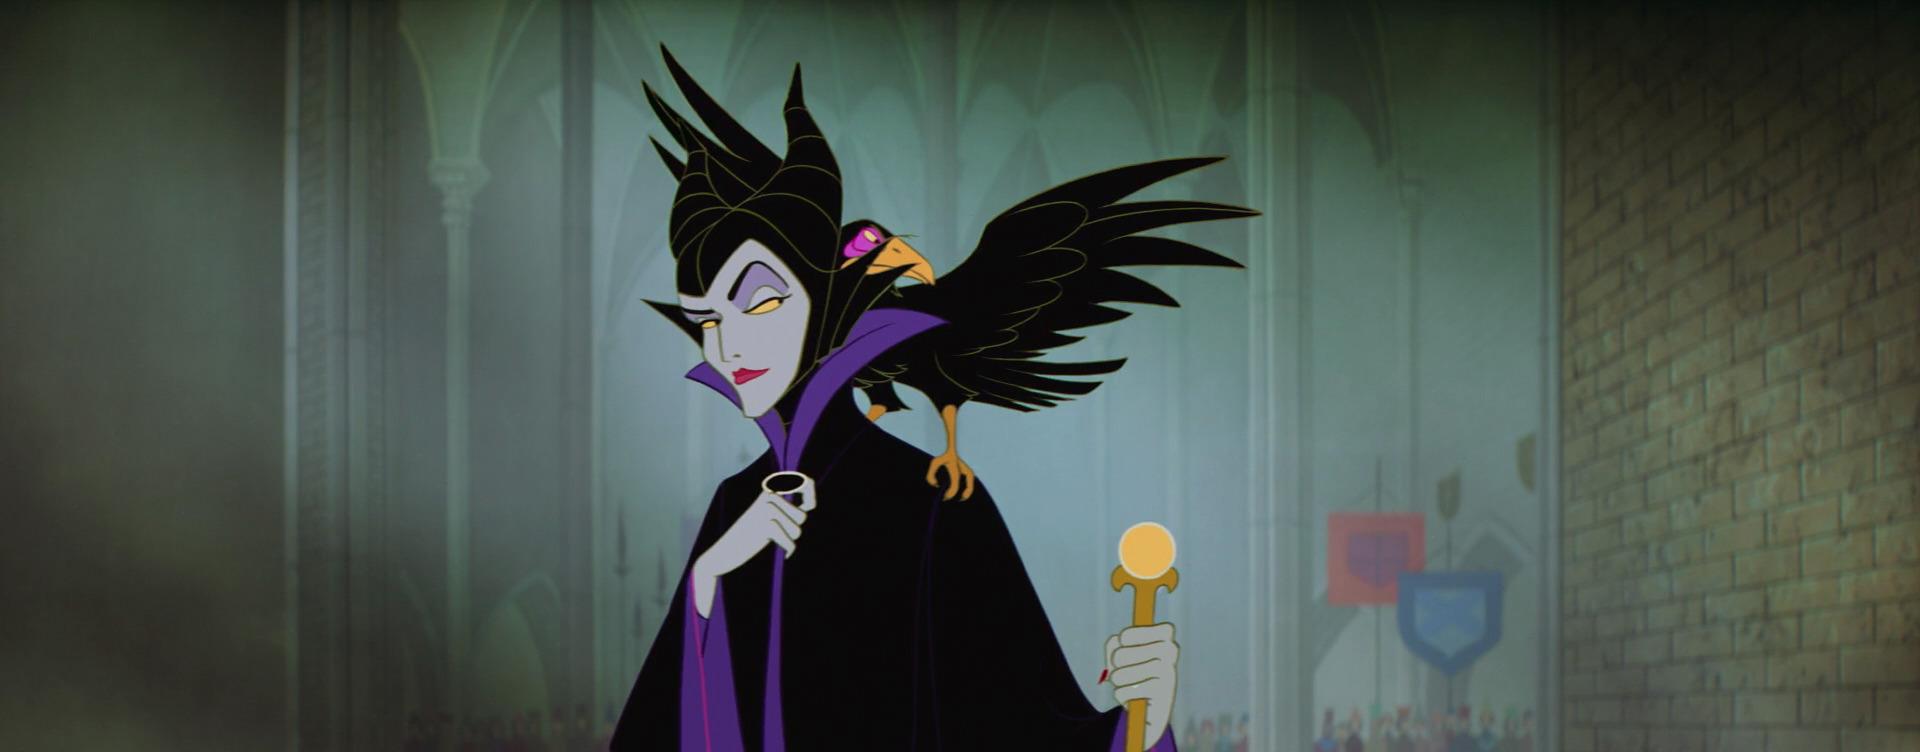 Malefica sta per lanciare un incantesimo sulla piccola Aurora